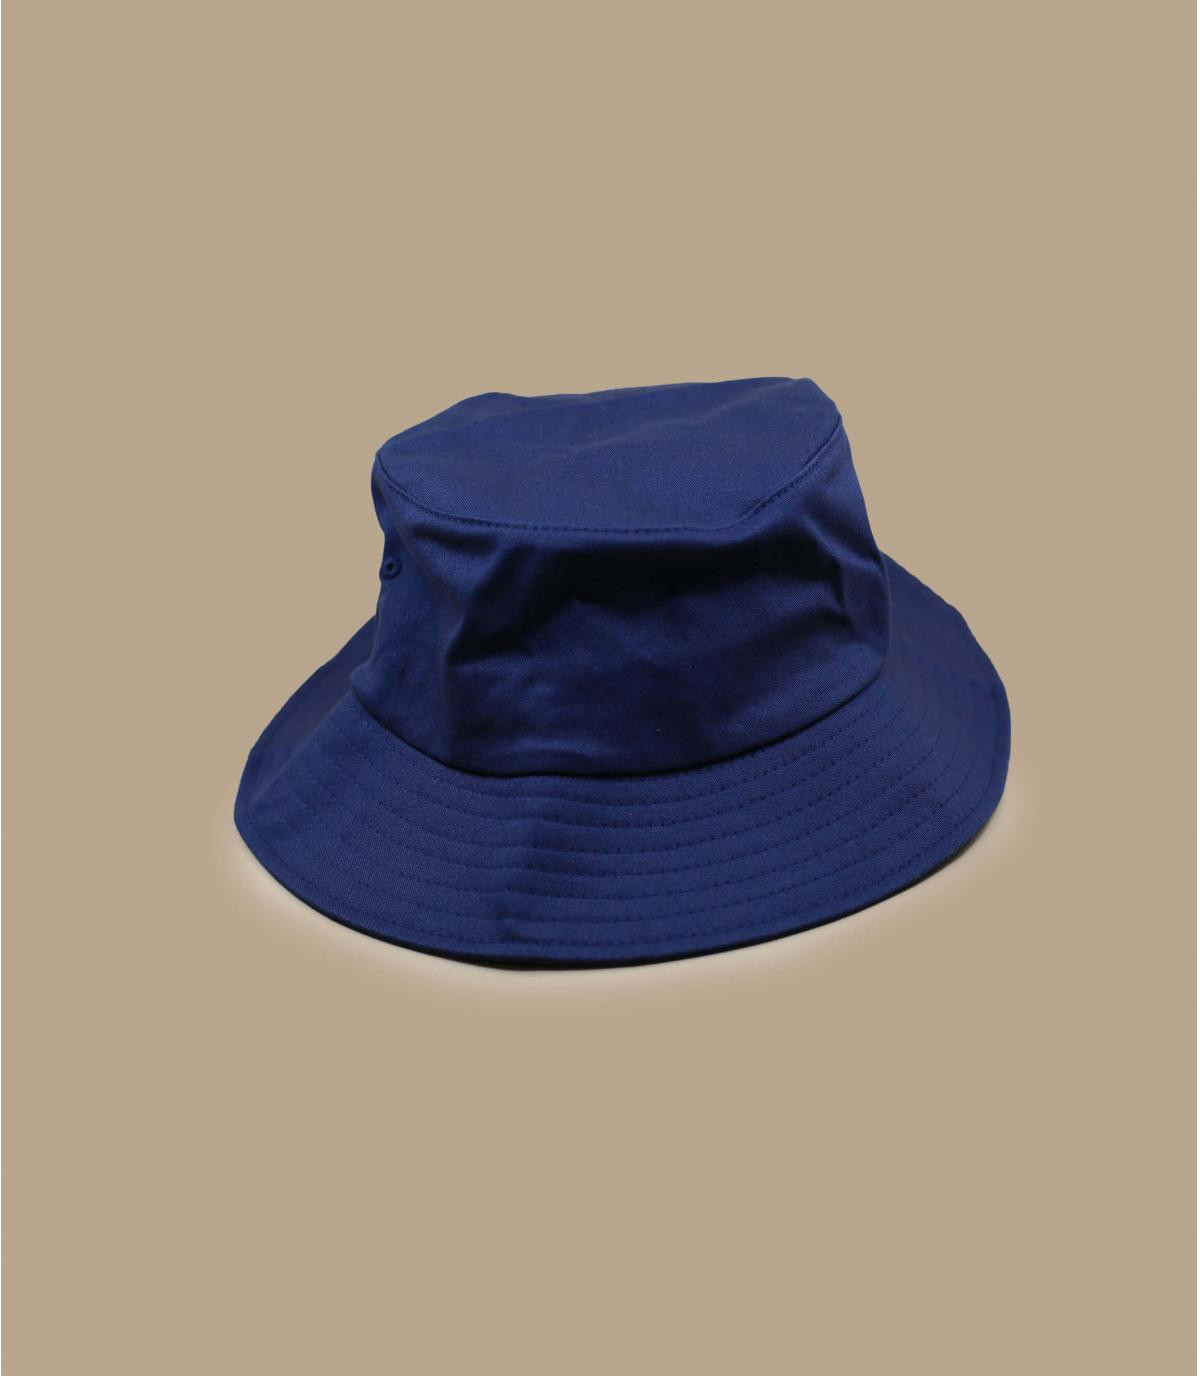 Dettagli Bob blu flexfit wm - image 2